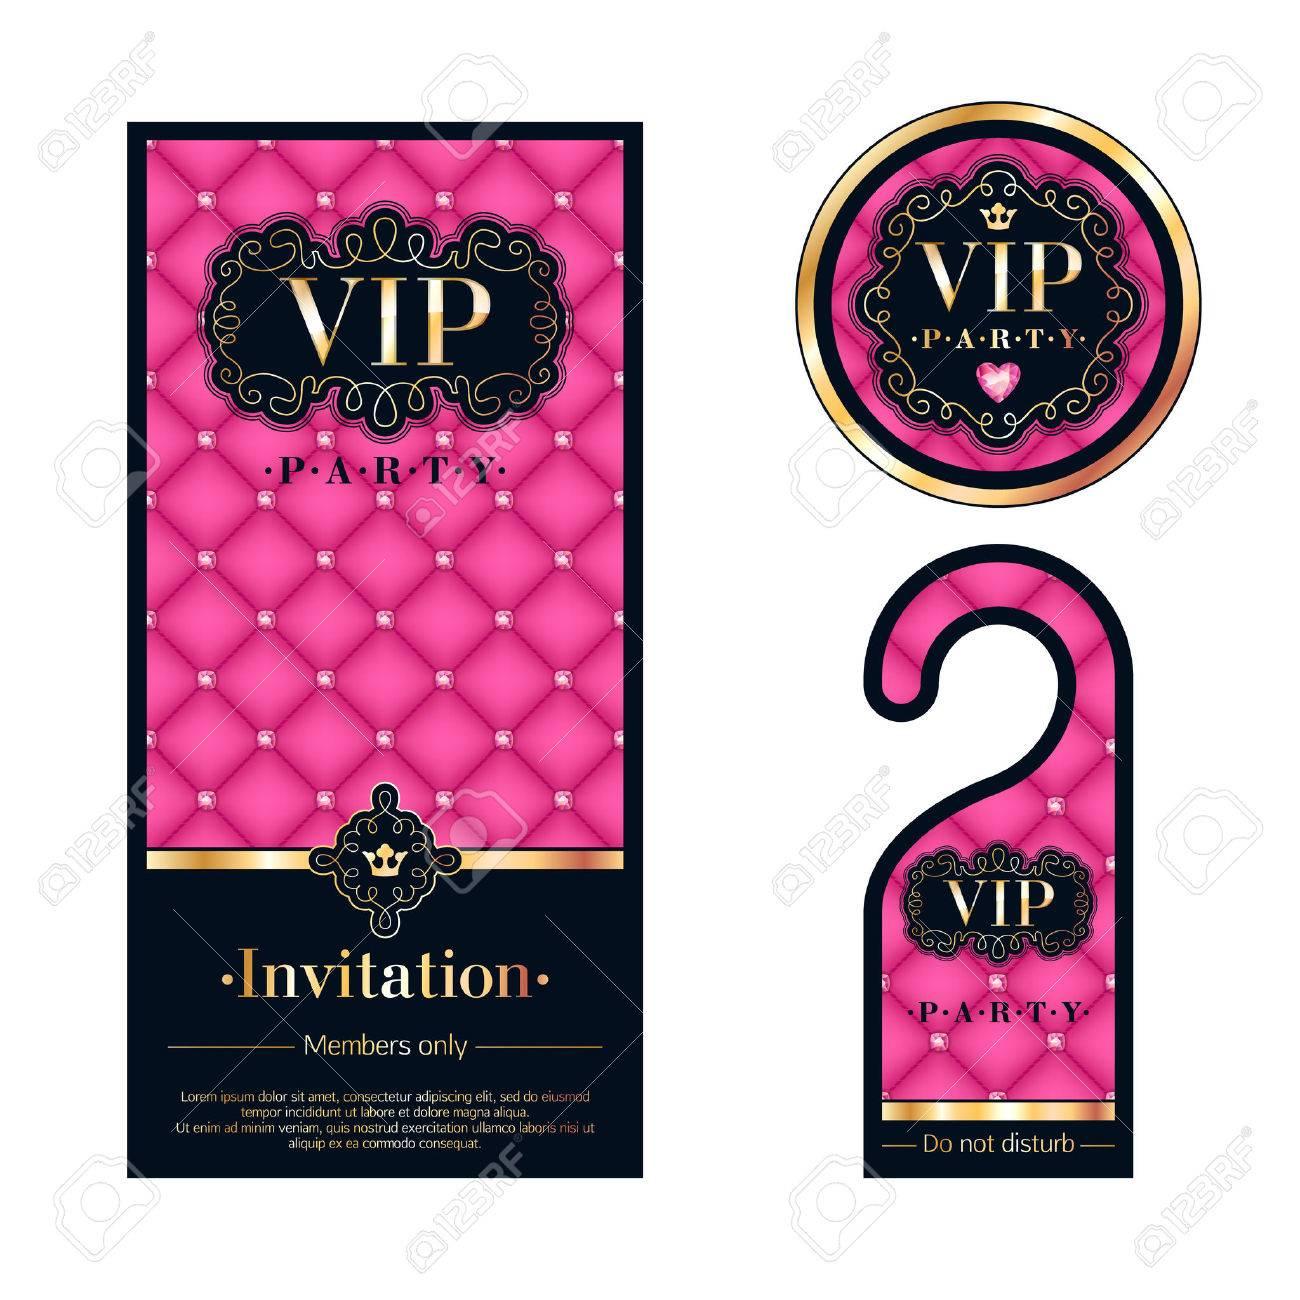 vip パーティー プレミアム招待状カード ハンガーと円形ラベル バッジを